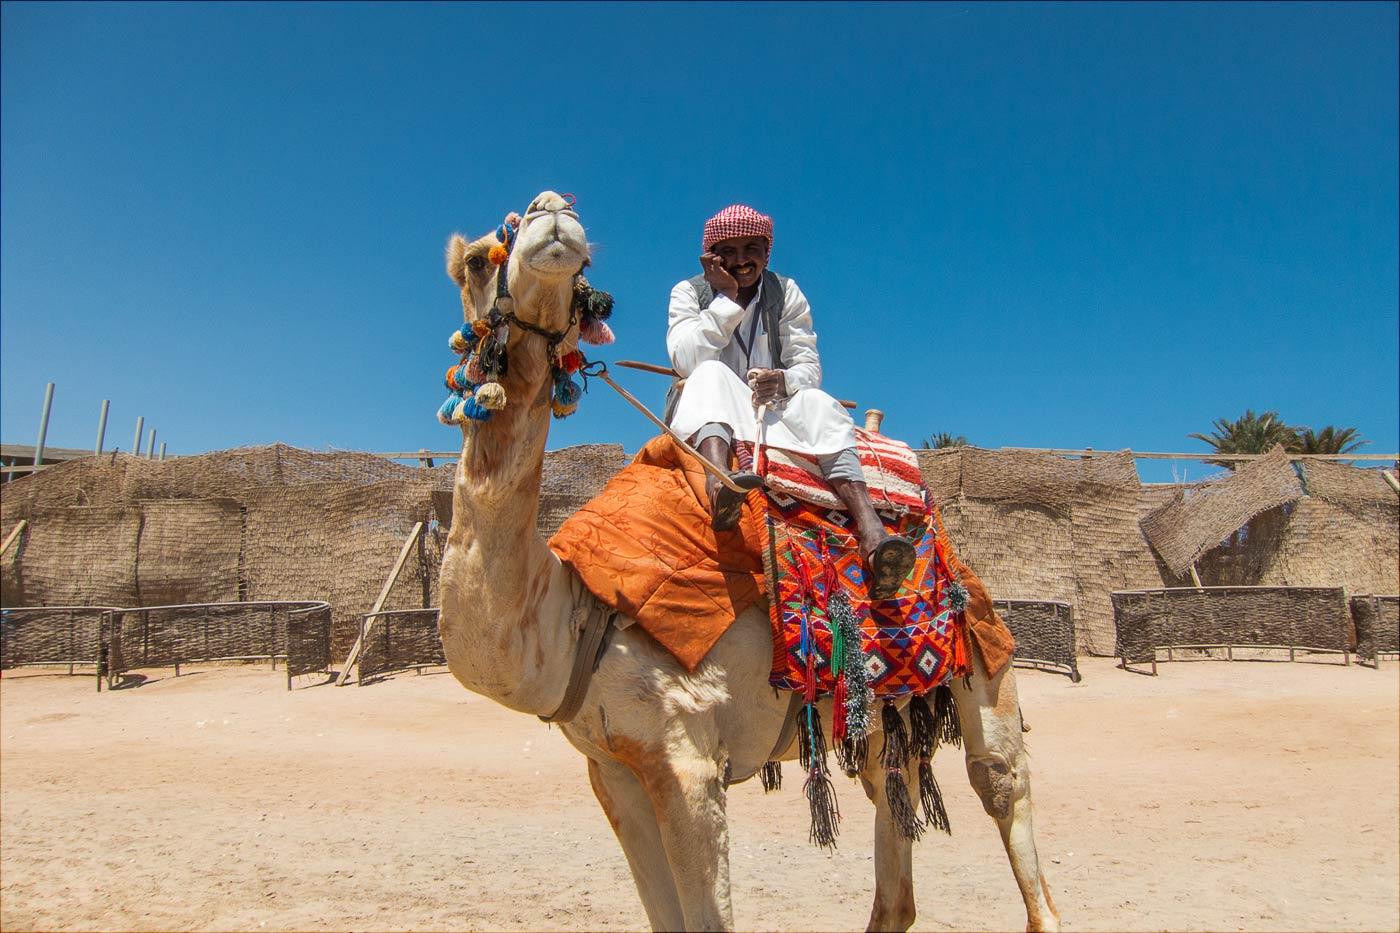 Египет. В этот день год назад